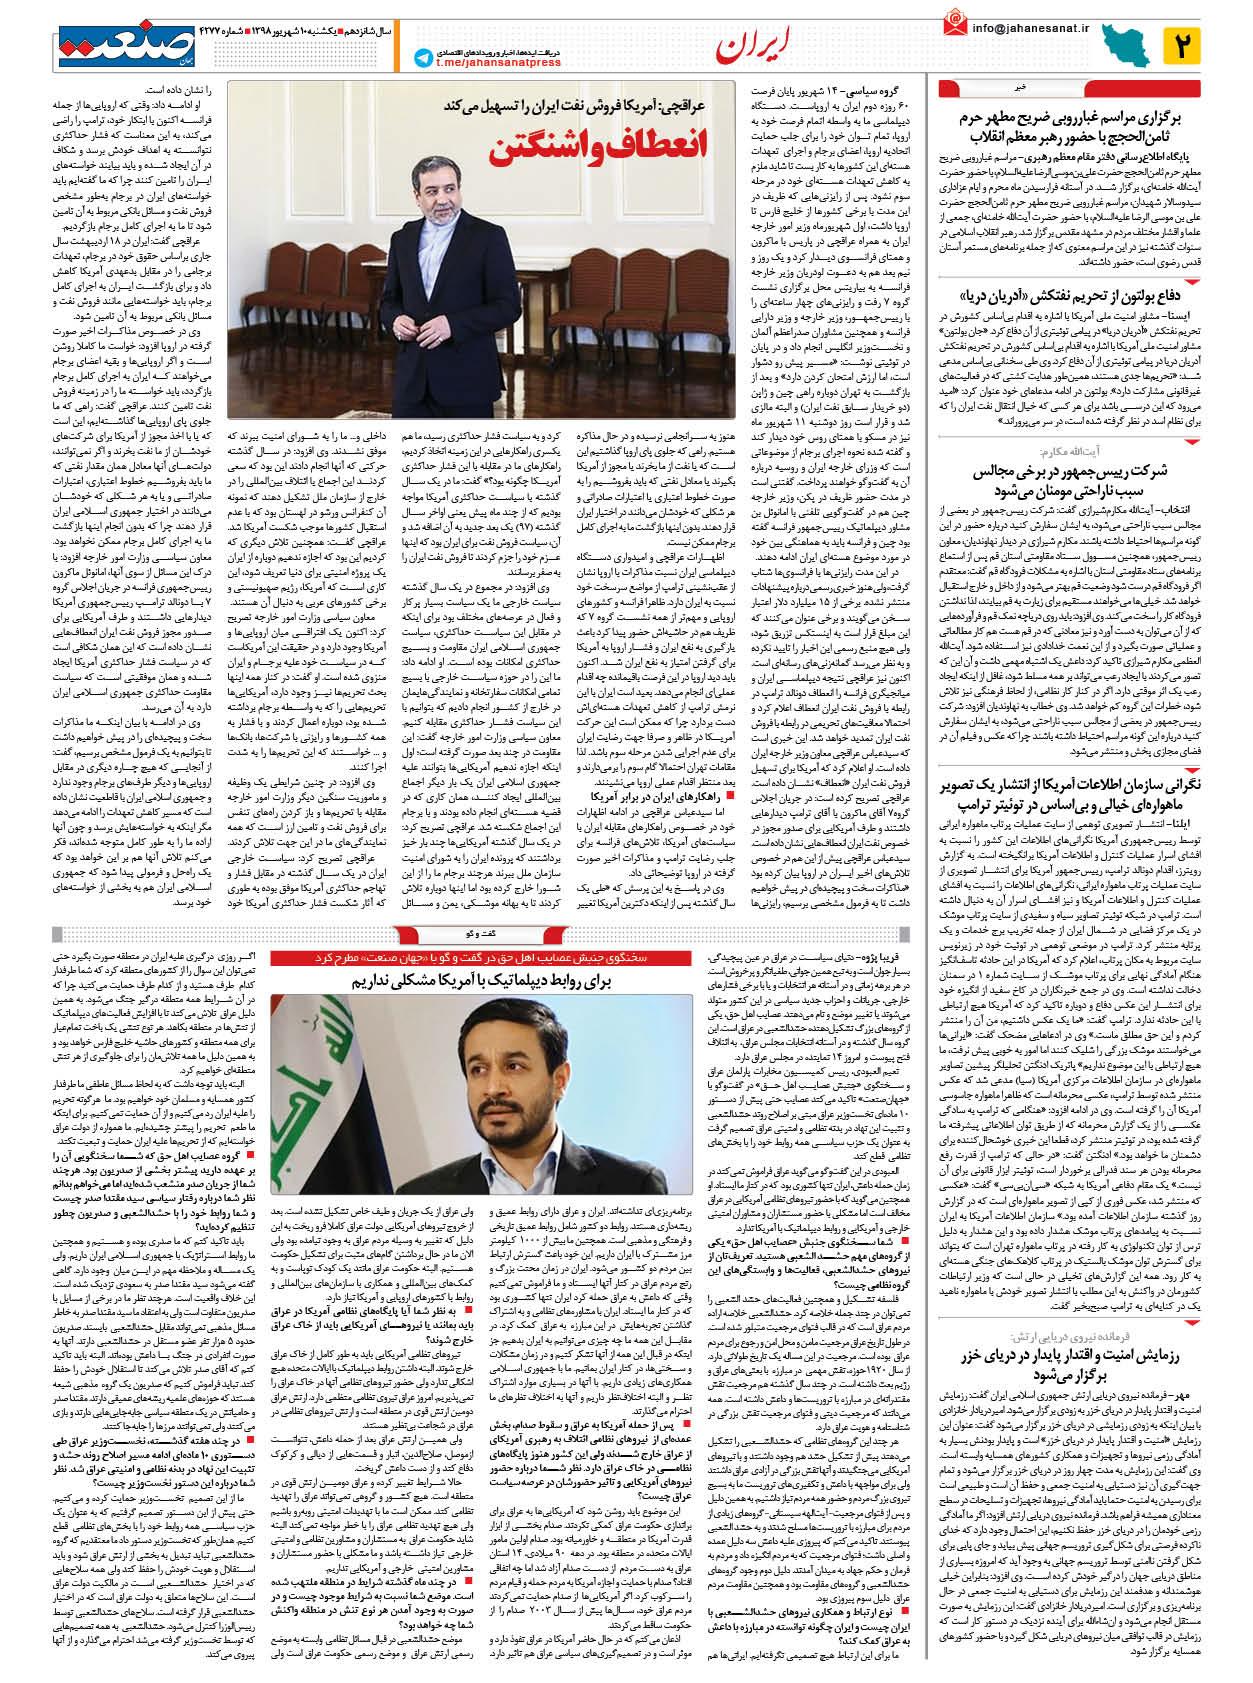 صفحه ۰۲ – ۱۰ شهریور ۱۳۹۸